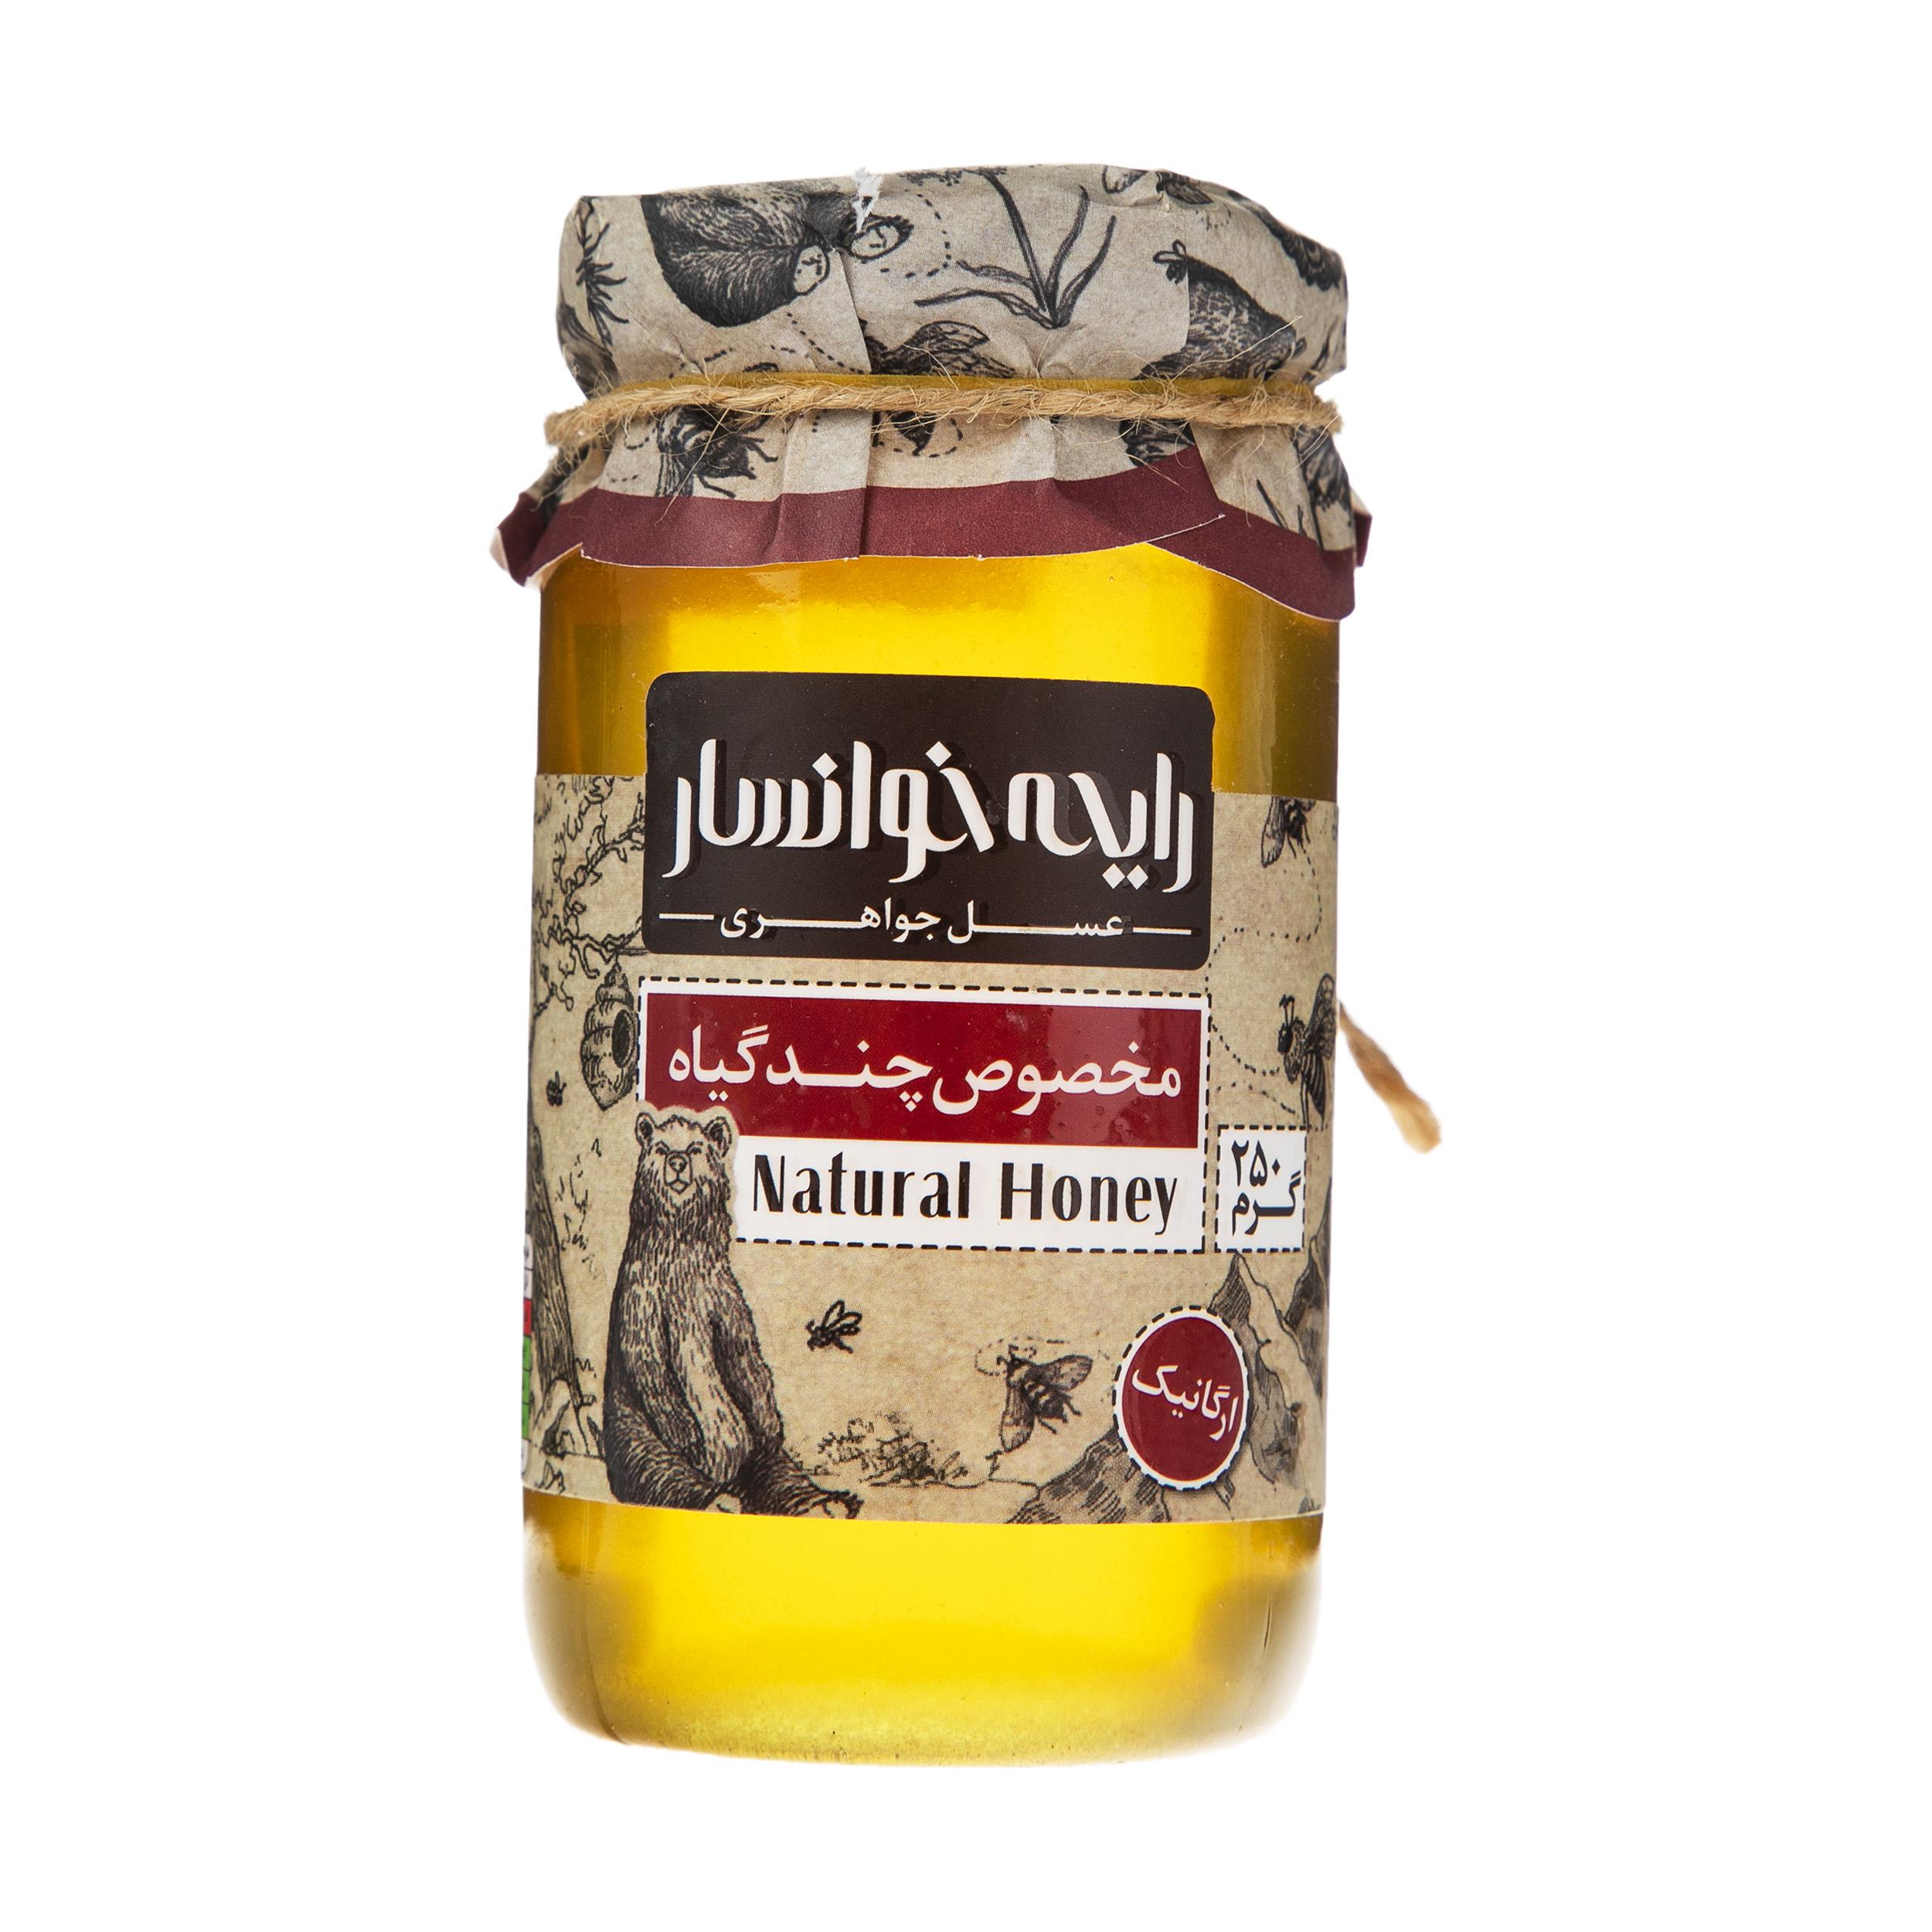 عسل چند گیاه رایحه خوانسار - 250 گرم